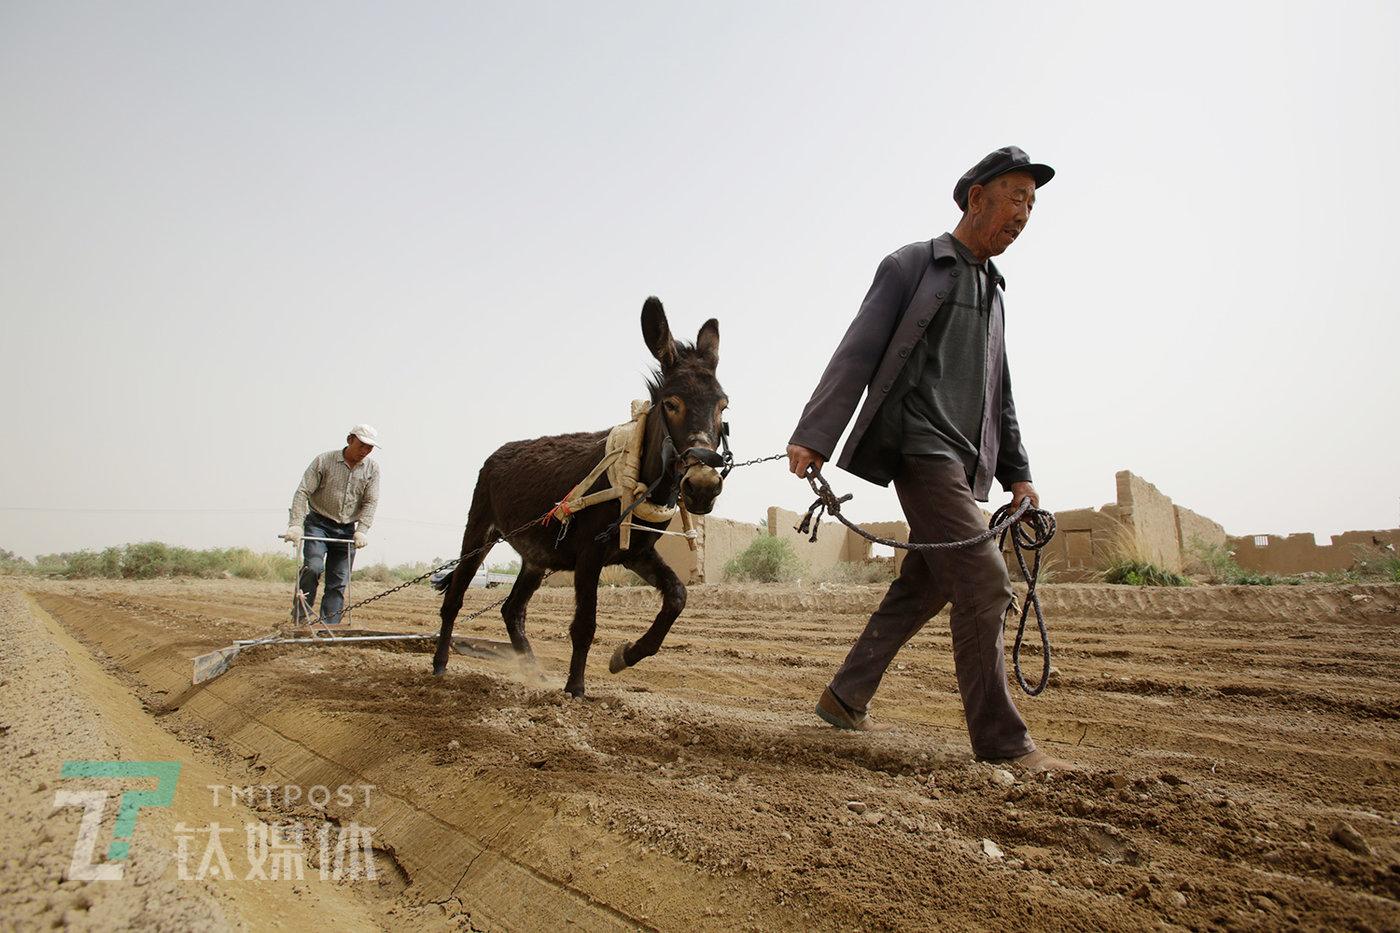 2019年5月15日,甘肃省民勤县收成镇附智村,薛志明和他的父亲赶着驴平地。